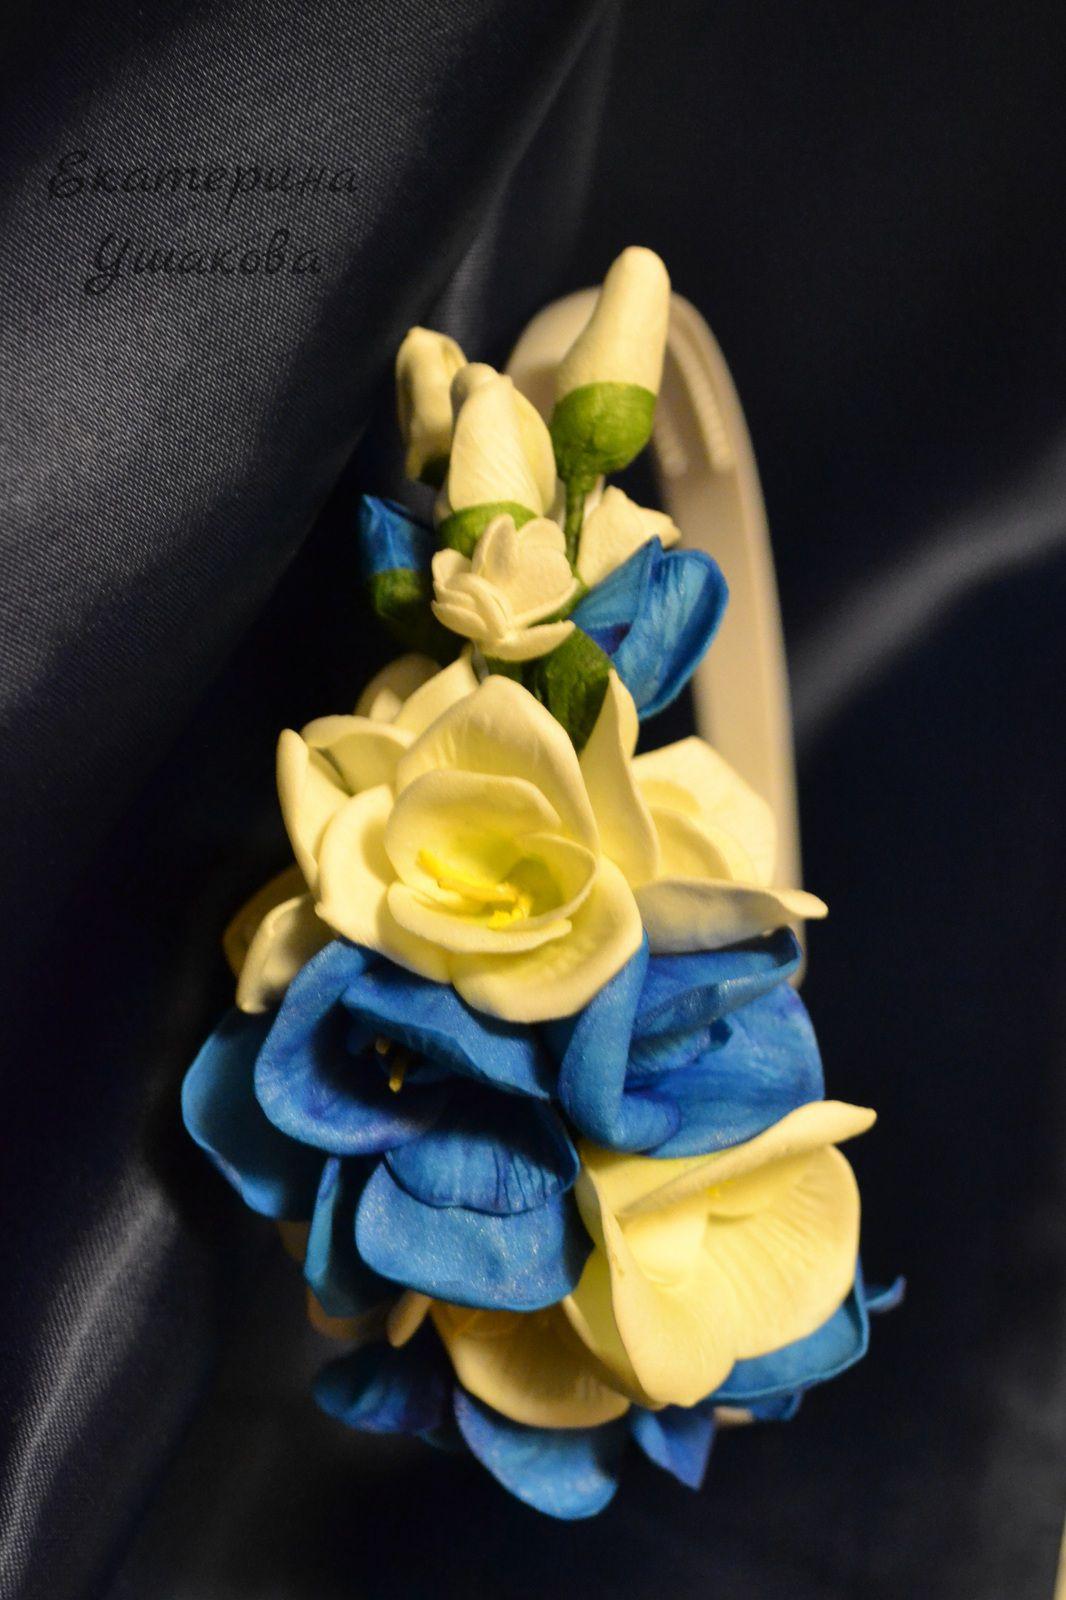 венецианскаялагуна украшениядляволос синий подарок цветочныеоблака ободок белый ободокдлядевушки ободоксцветами